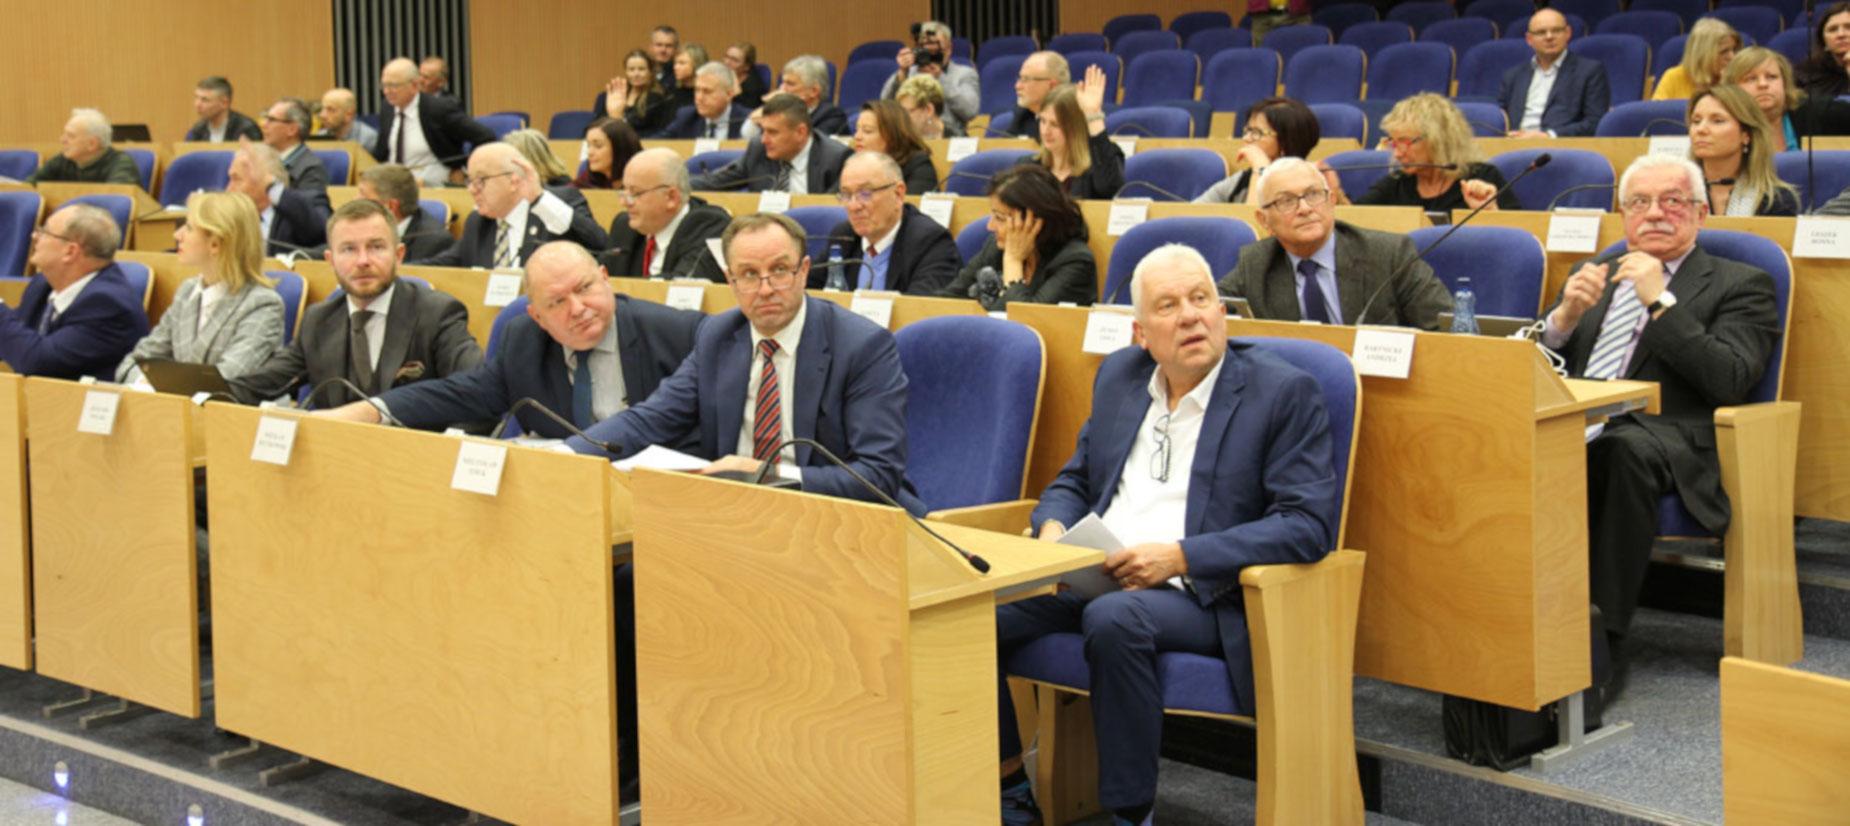 Marszałek Struk: To budżet naszych możliwości. Radni województwa przyjęli budżet na 2019